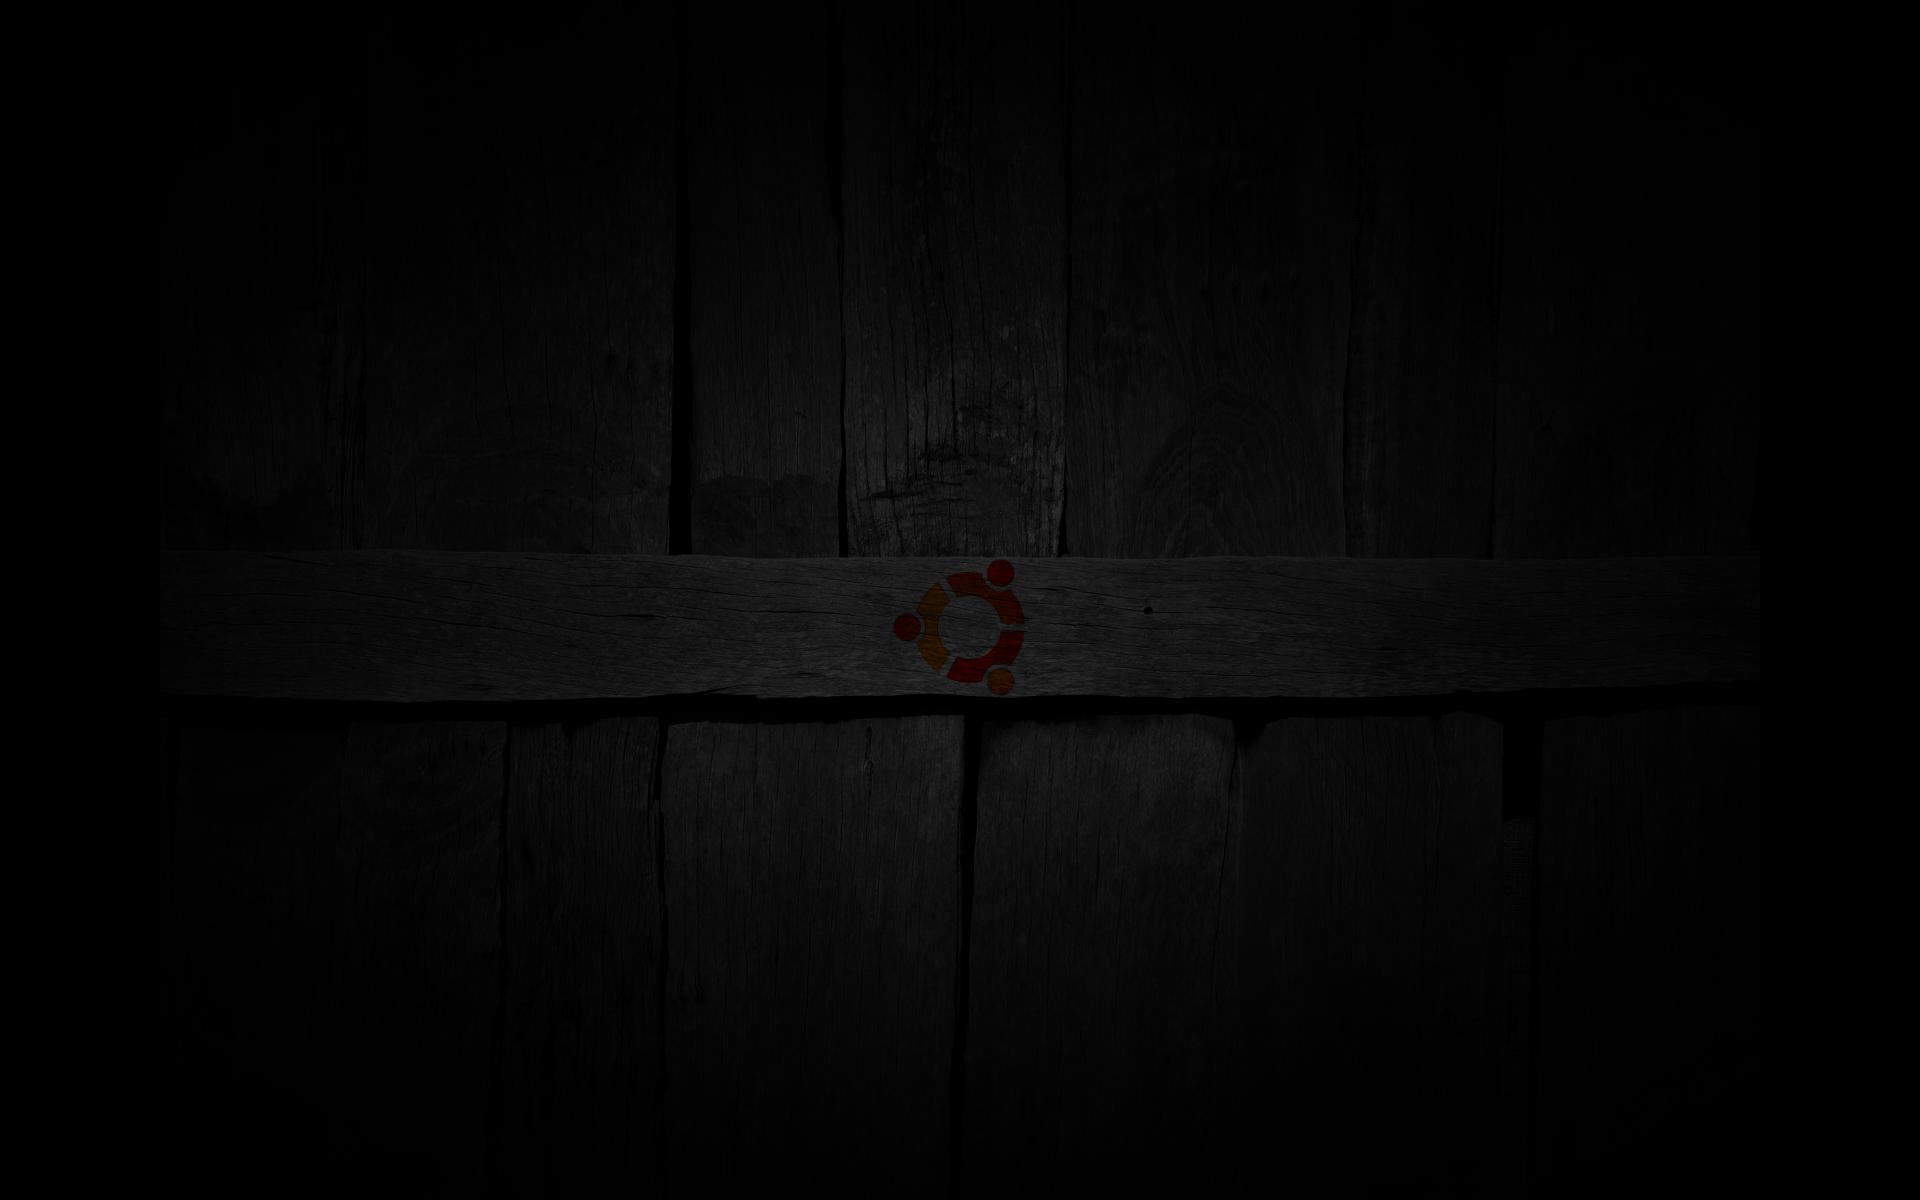 Ubuntu Dark Wallpapers 1920x1200